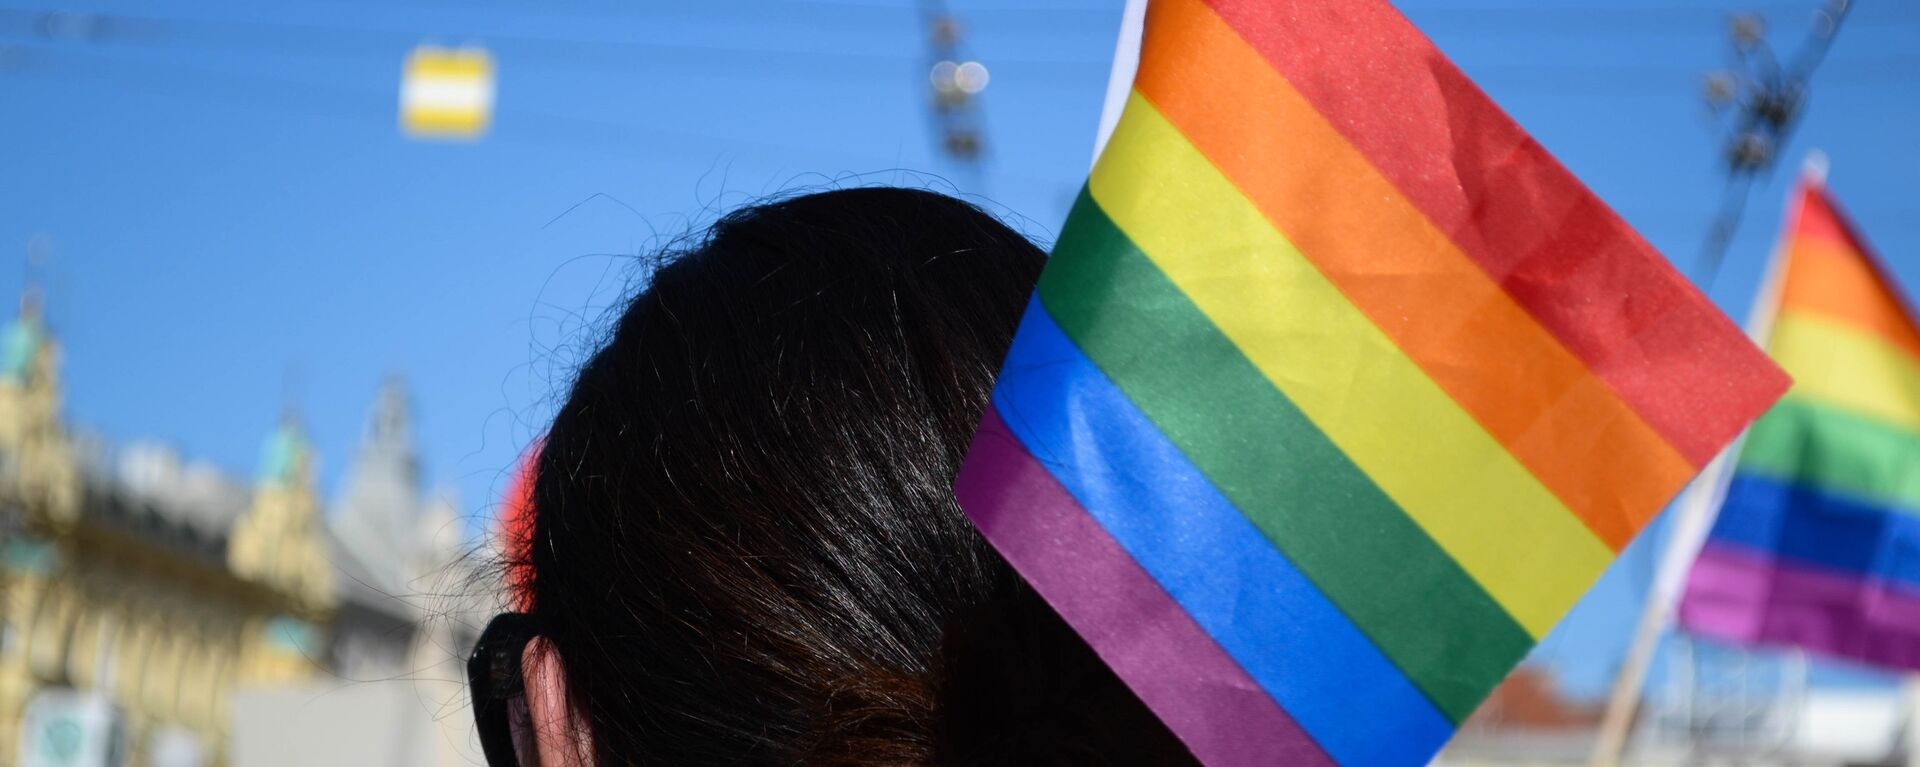 La bandera de la comunidad LGBT - Sputnik Mundo, 1920, 09.09.2021